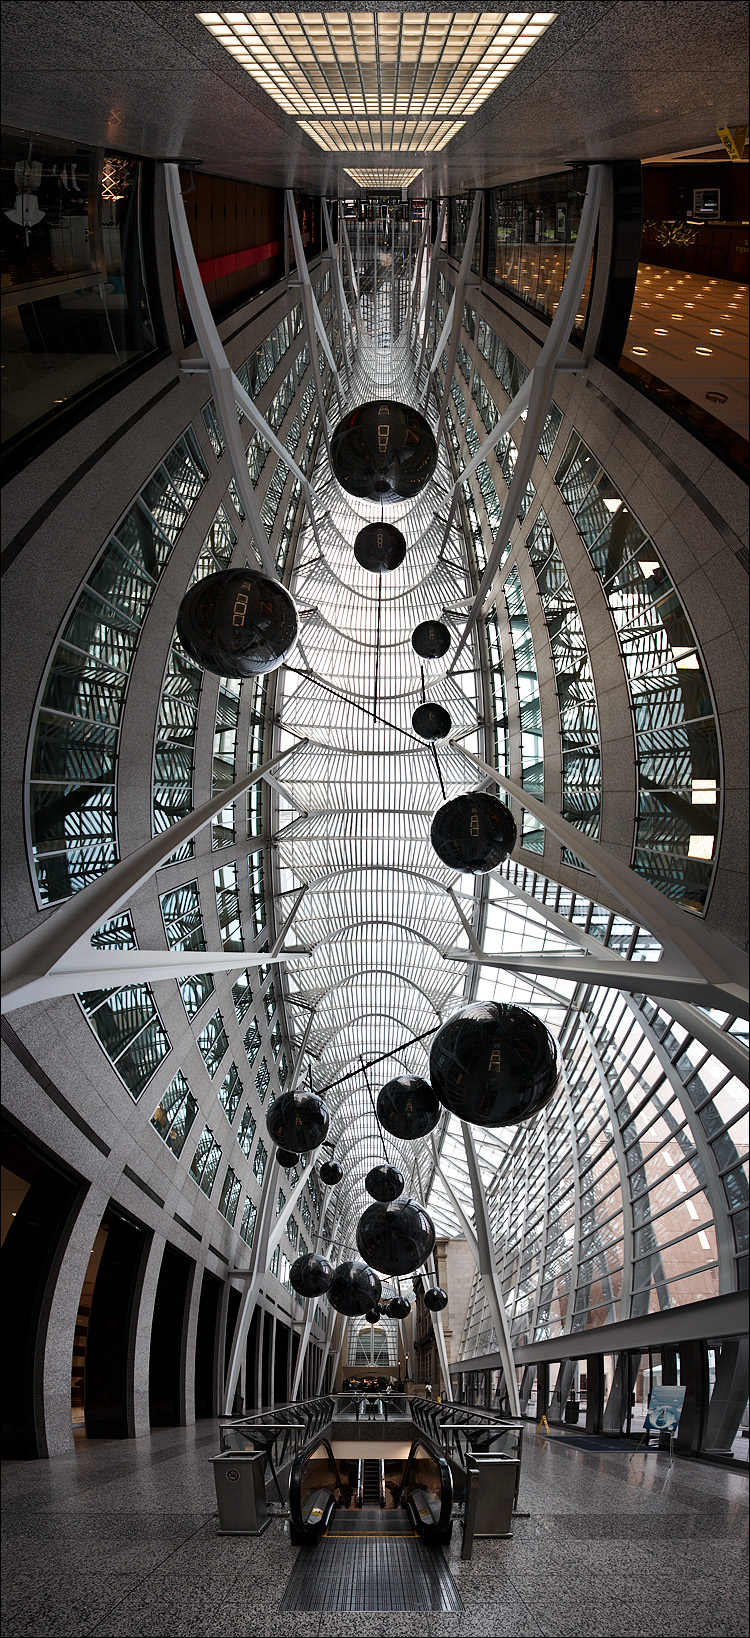 bce-place_panorama_black-balls_01